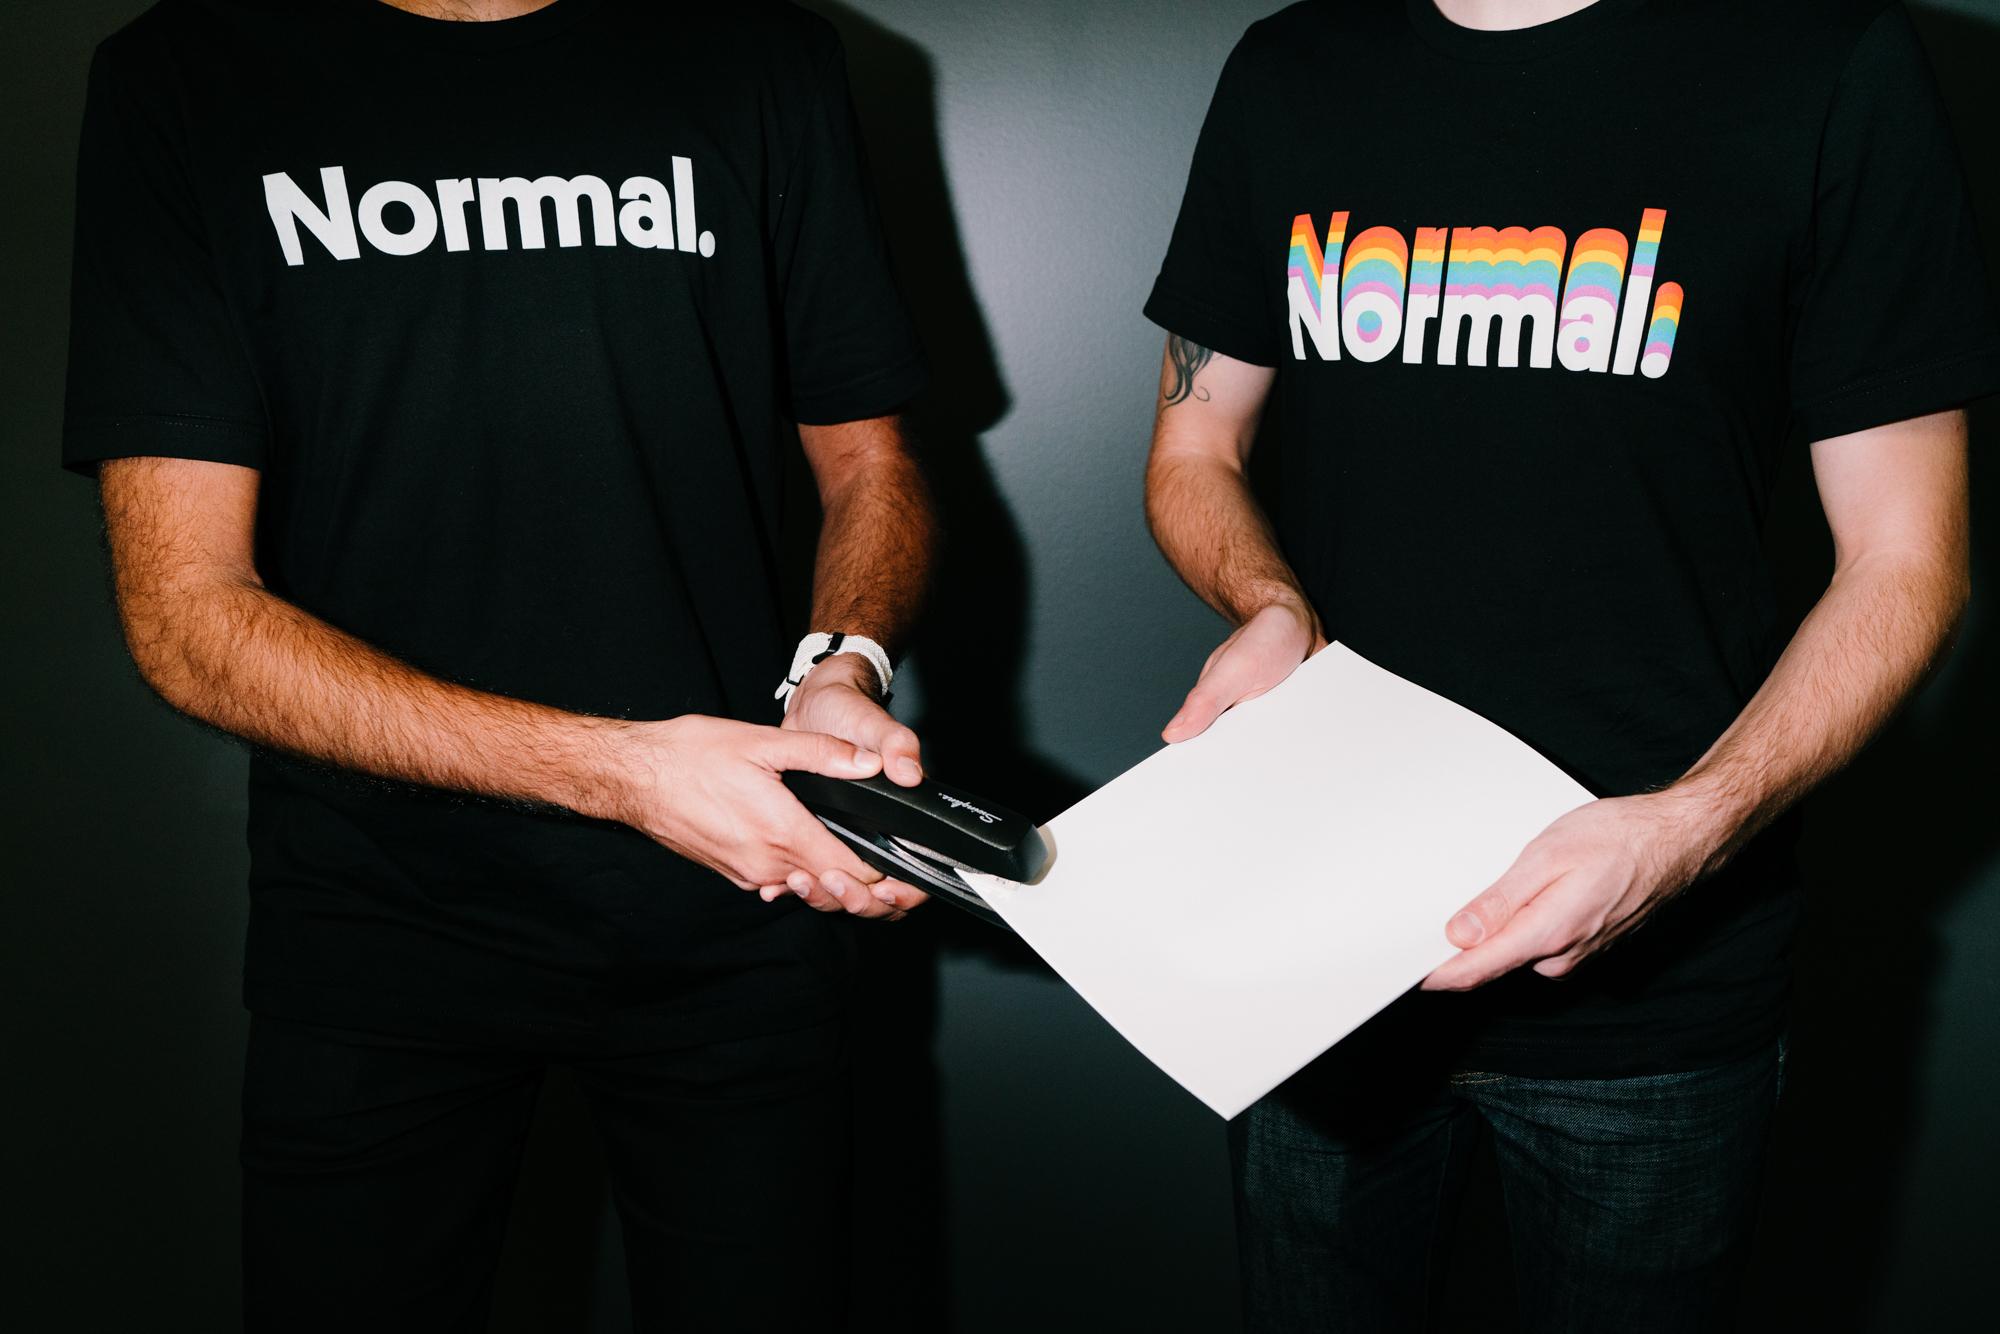 2 Normals stapling paper